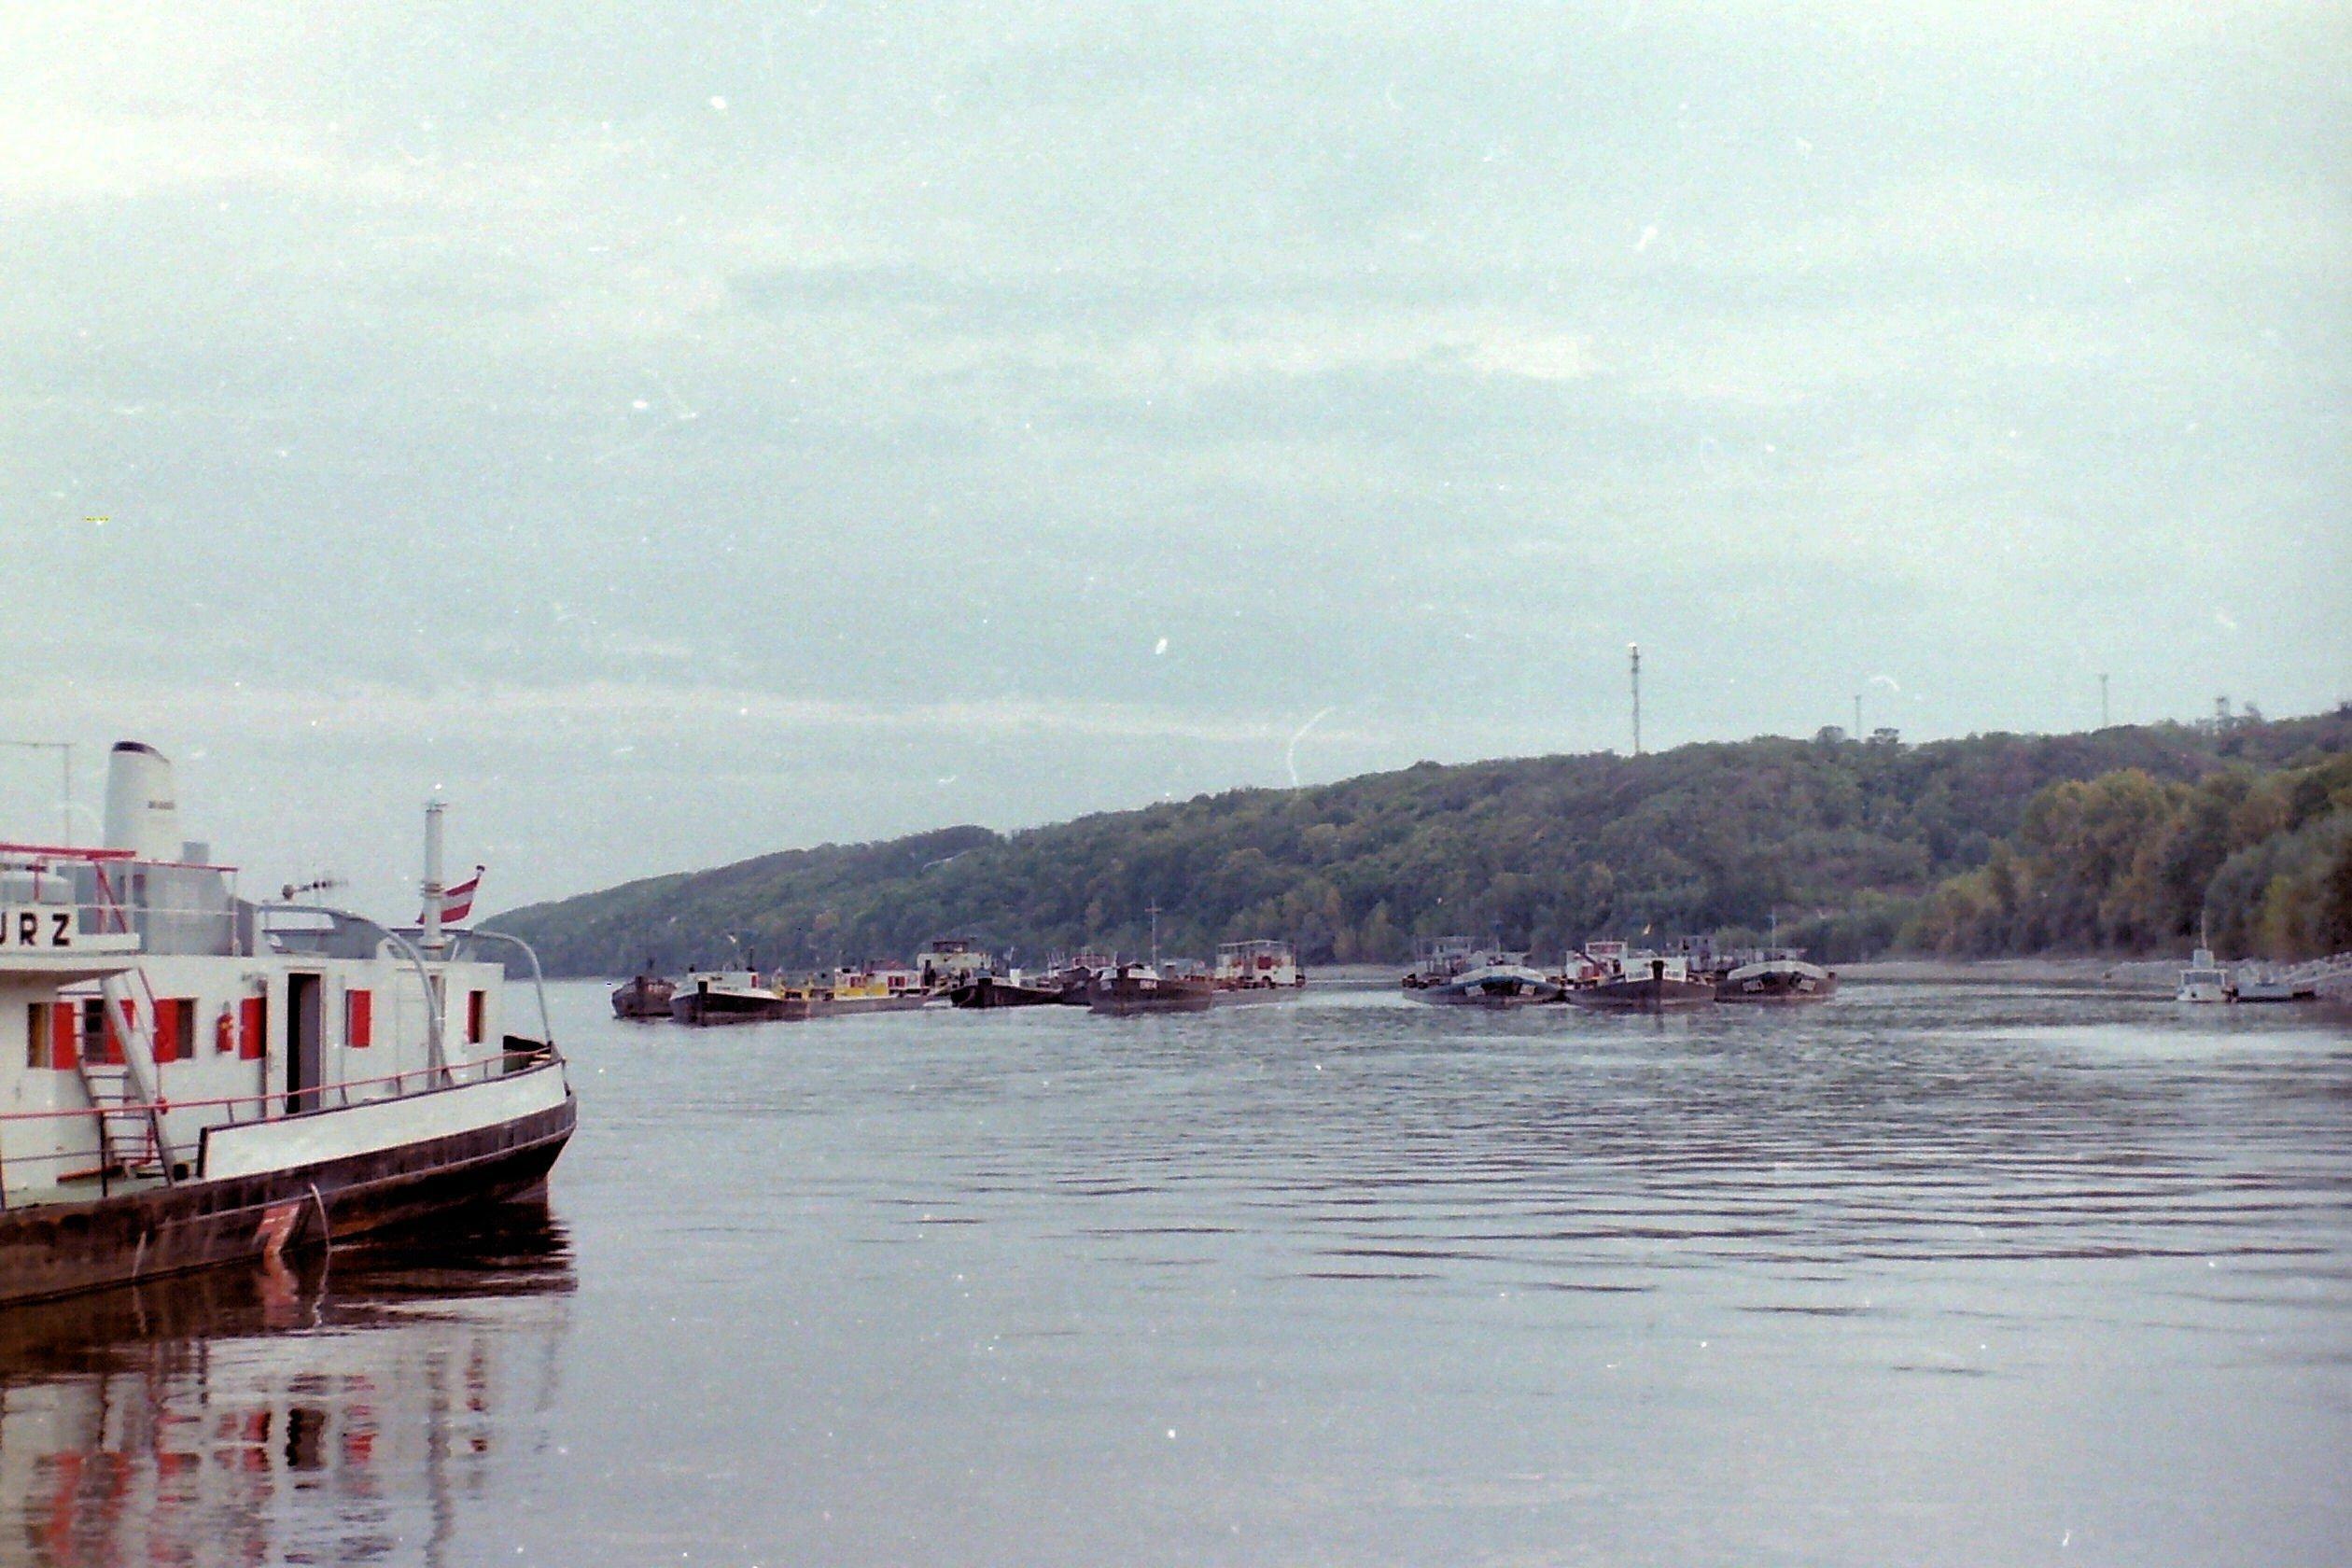 Frachtschiffe stehen auf dem Fluss